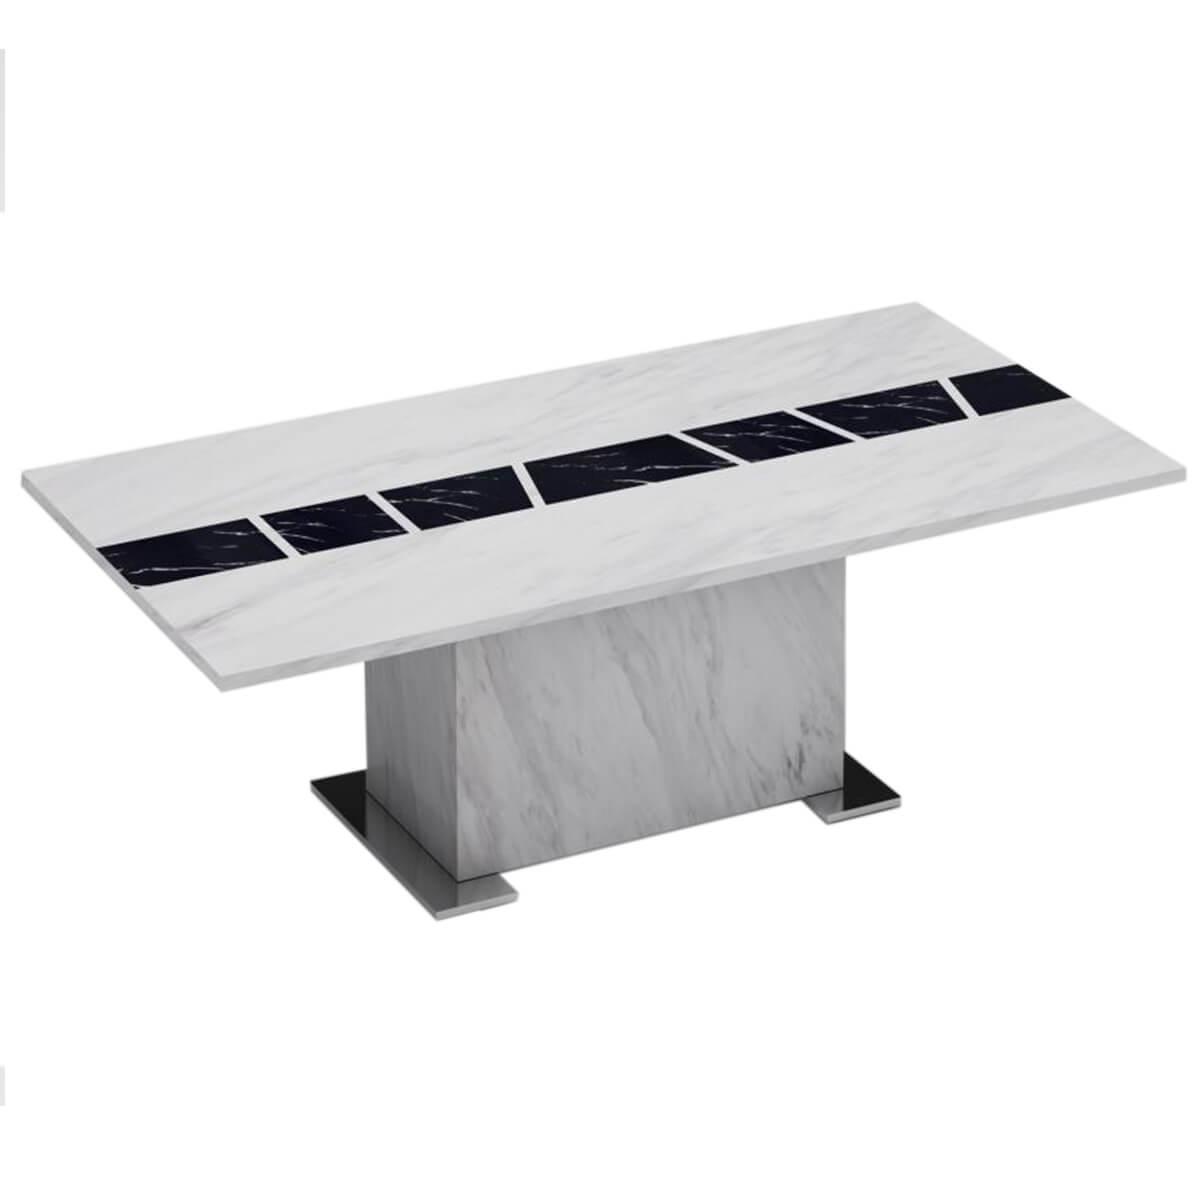 Santos Rectangular White Marble Coffee Table Modern Marble FADS - Santos coffee table